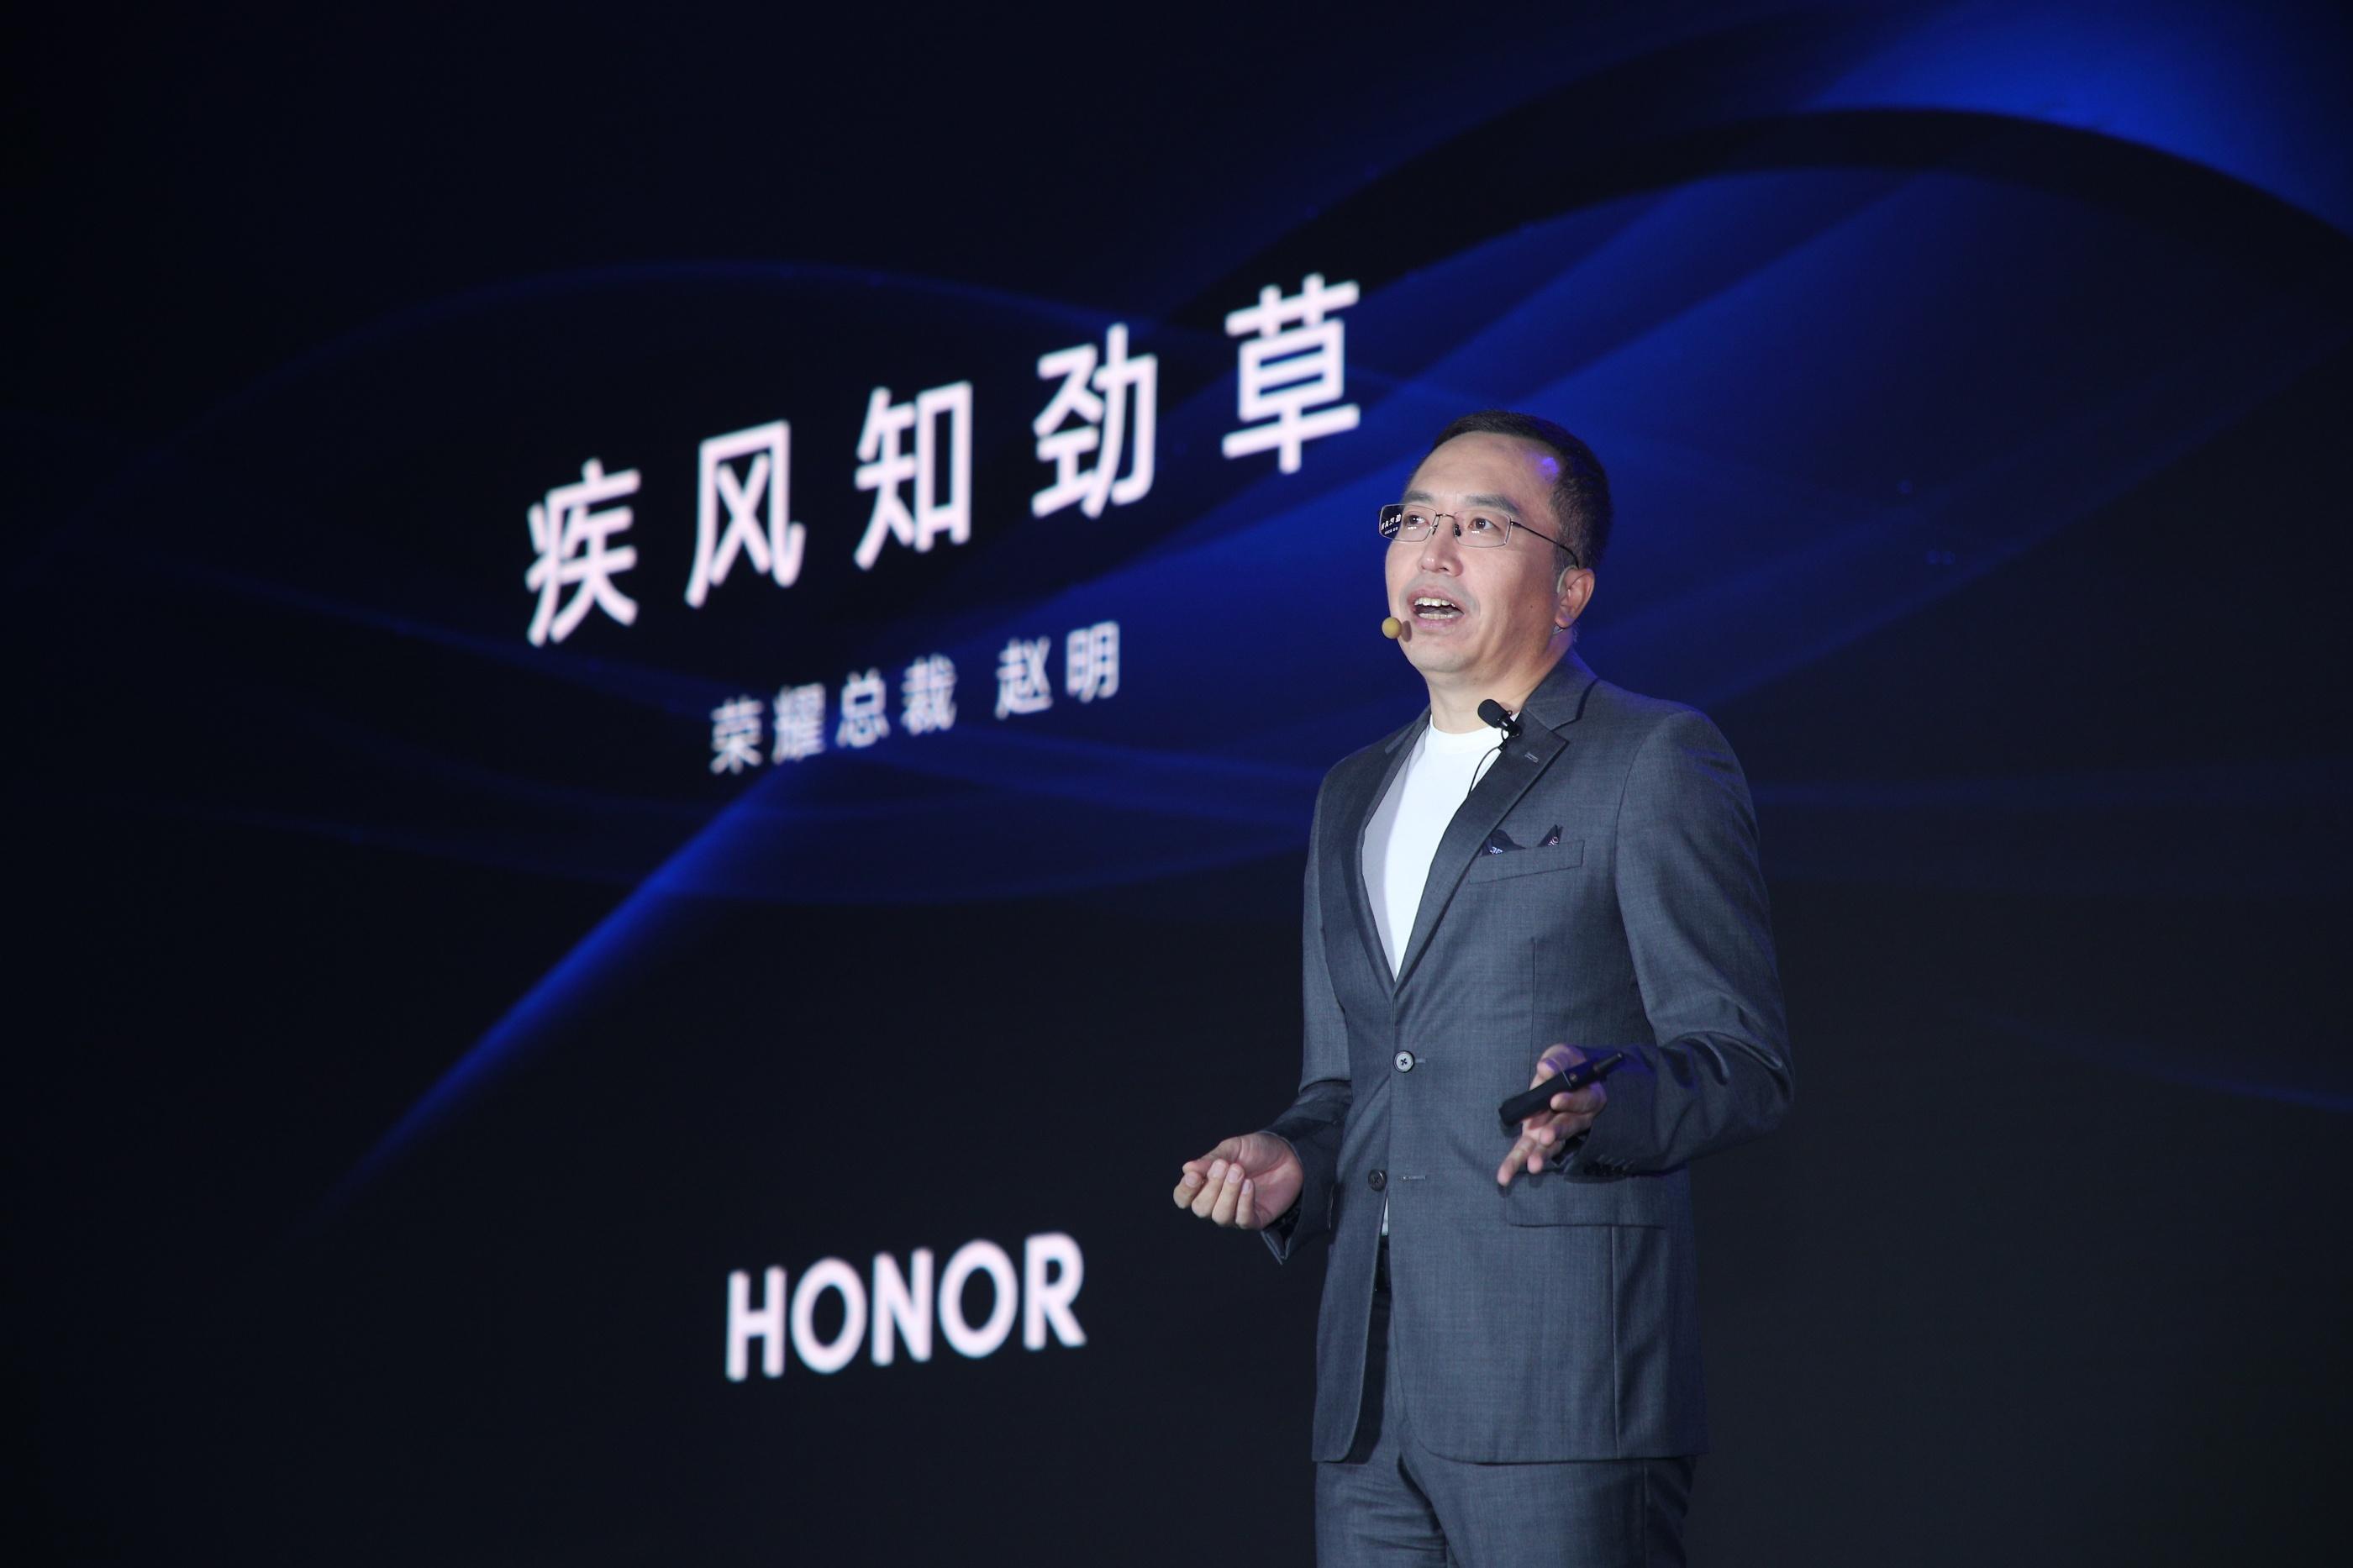 荣耀总裁赵明:今年的风是寒流,困难越大荣耀越大,要做全球第四